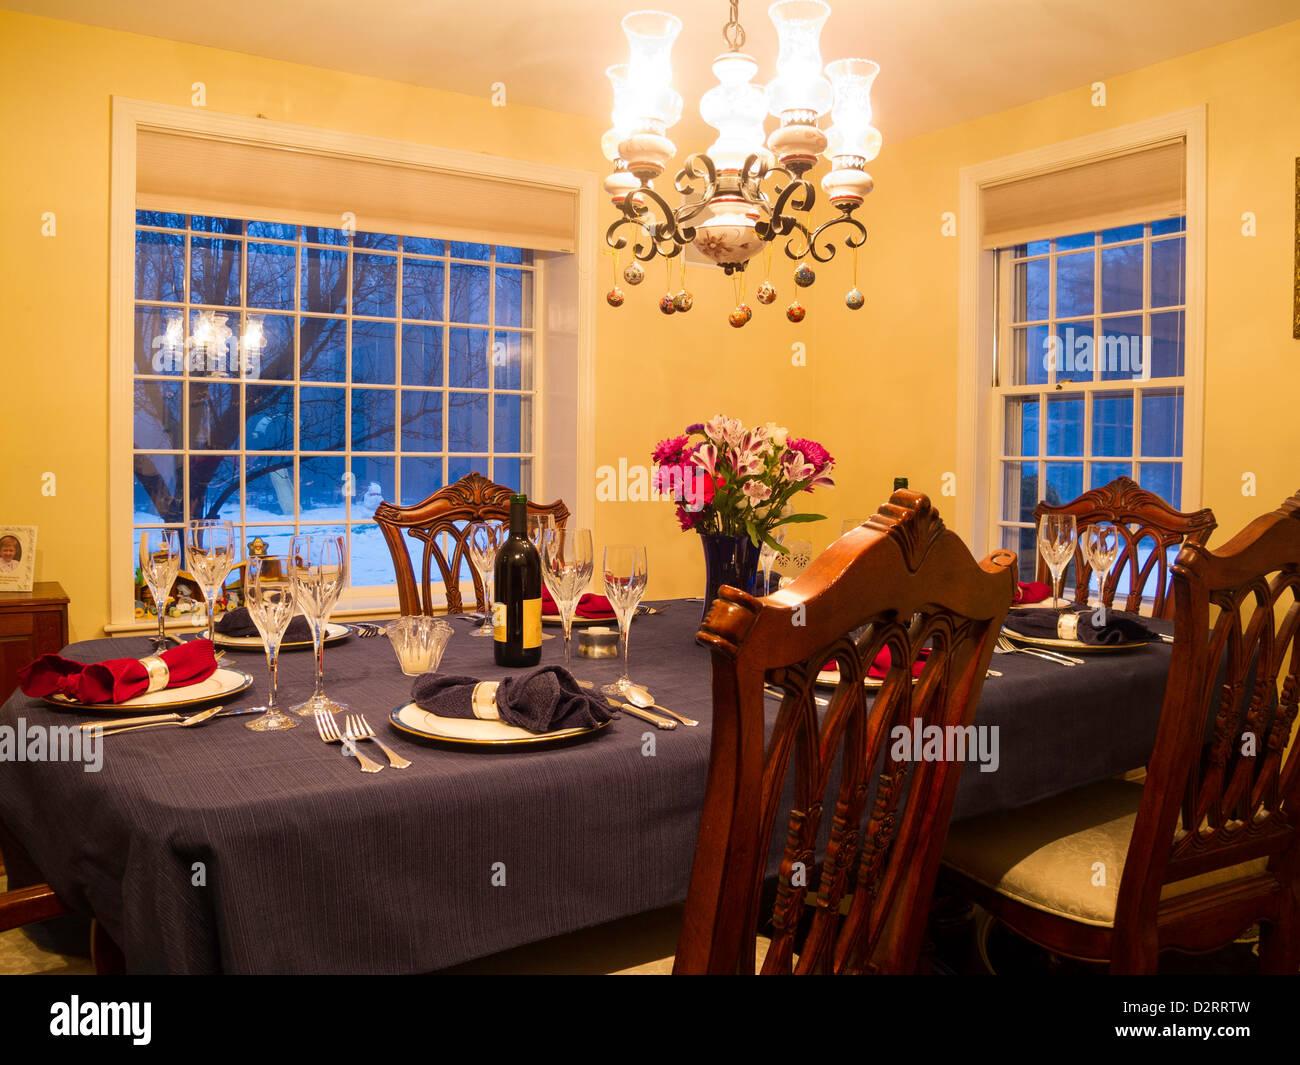 Mesa De Comedor residencial formal está configurado para una comida, EE.UU. Imagen De Stock